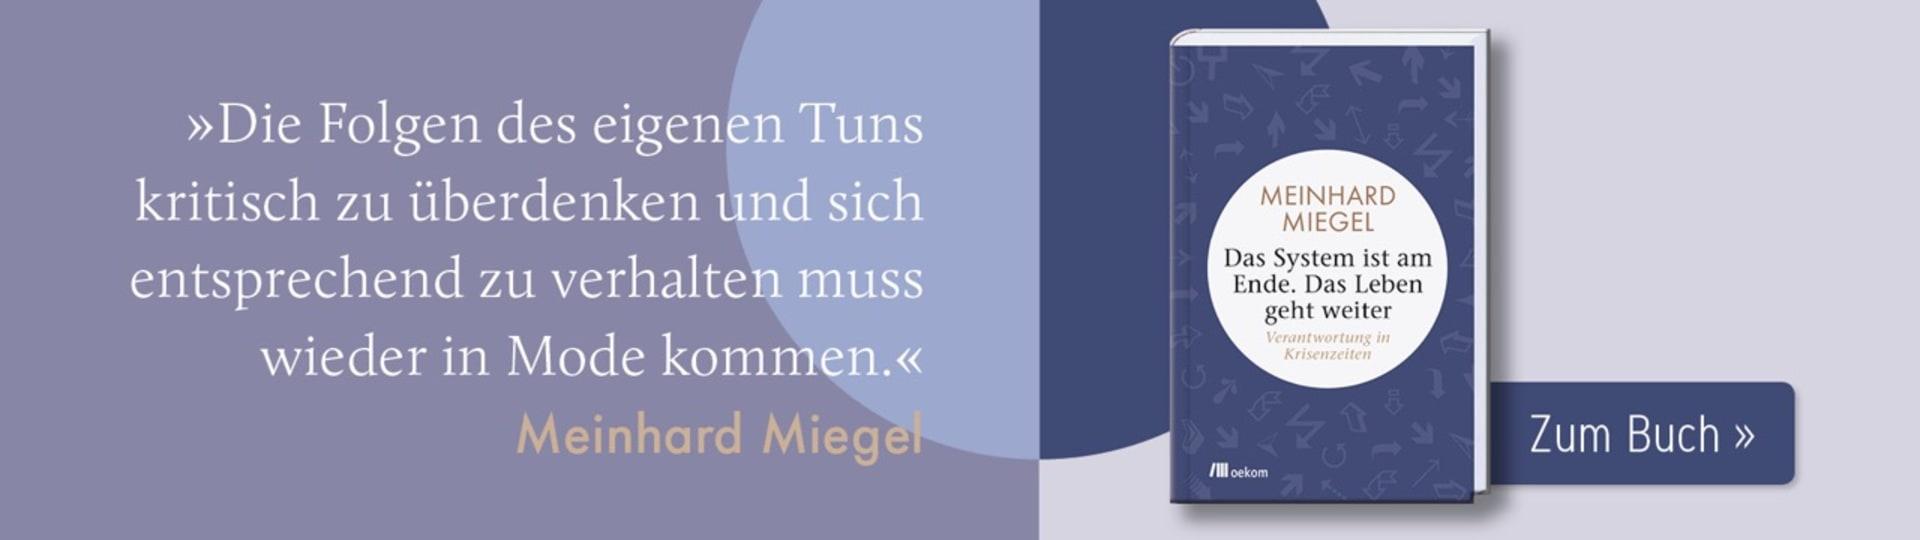 Werbebanner zu Meinhard Miegels Buch »Das System ist am Ende. Das Leben geht weiter«